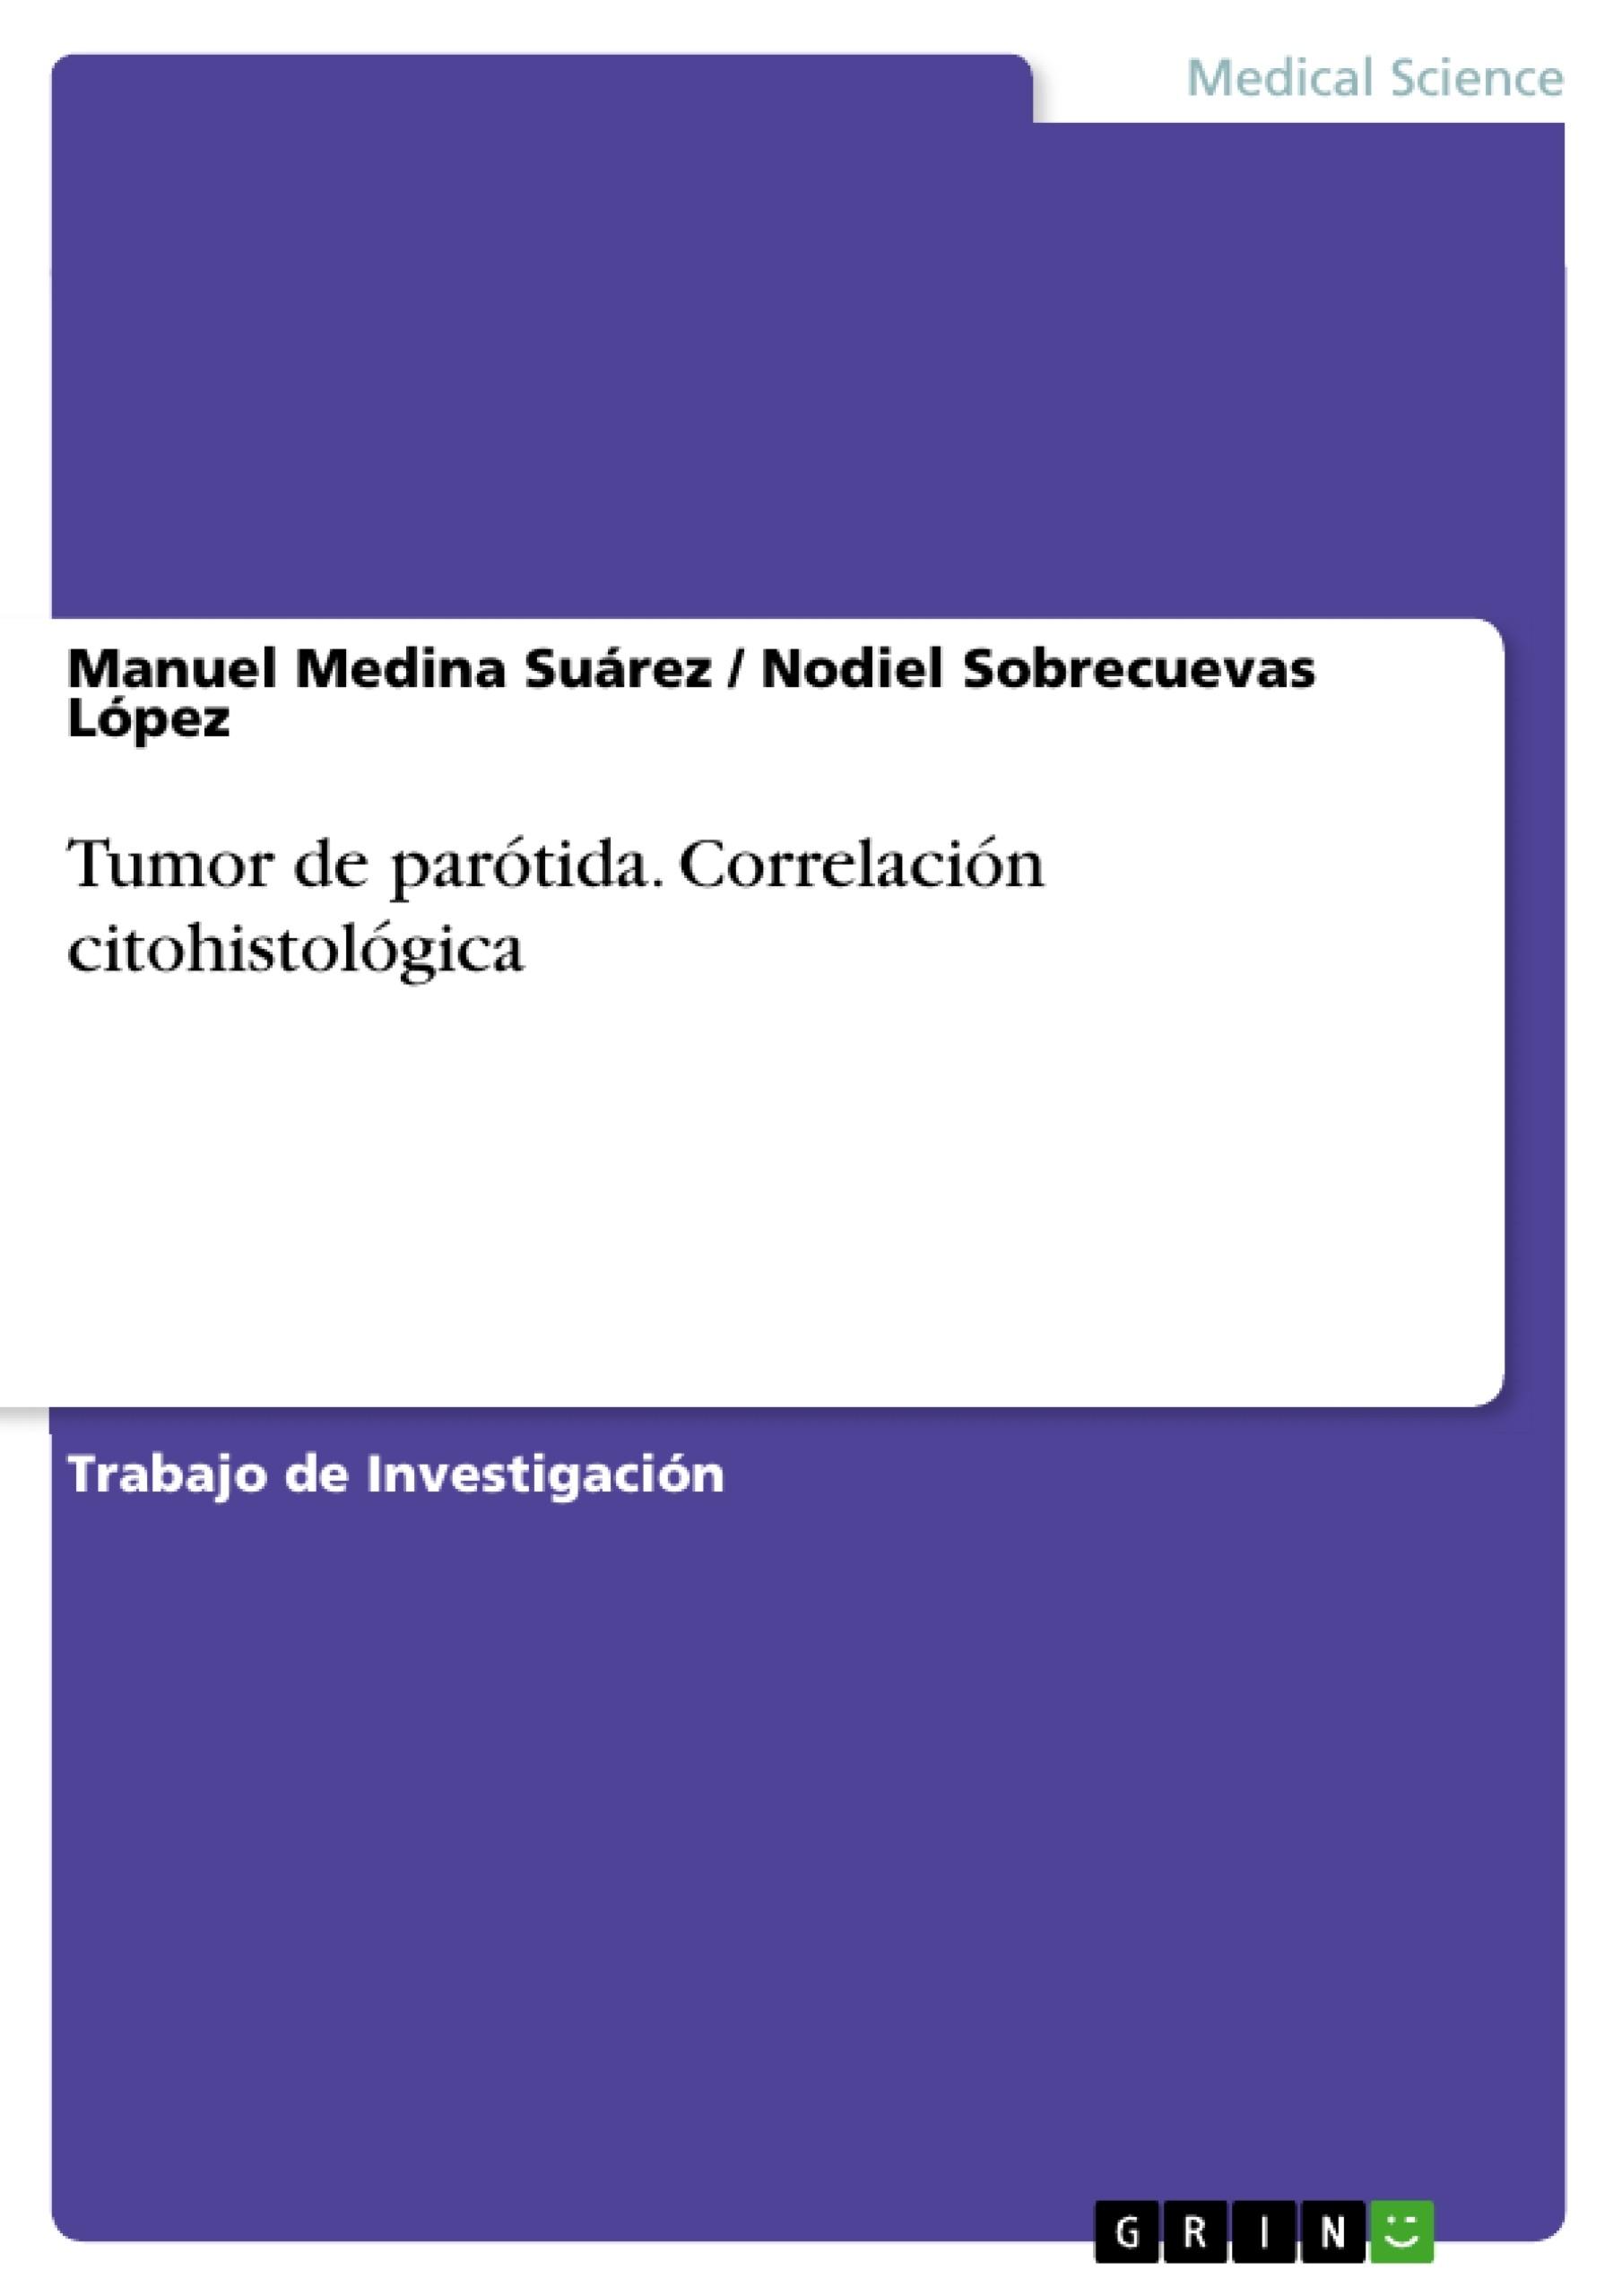 Título: Tumor de parótida. Correlación citohistológica